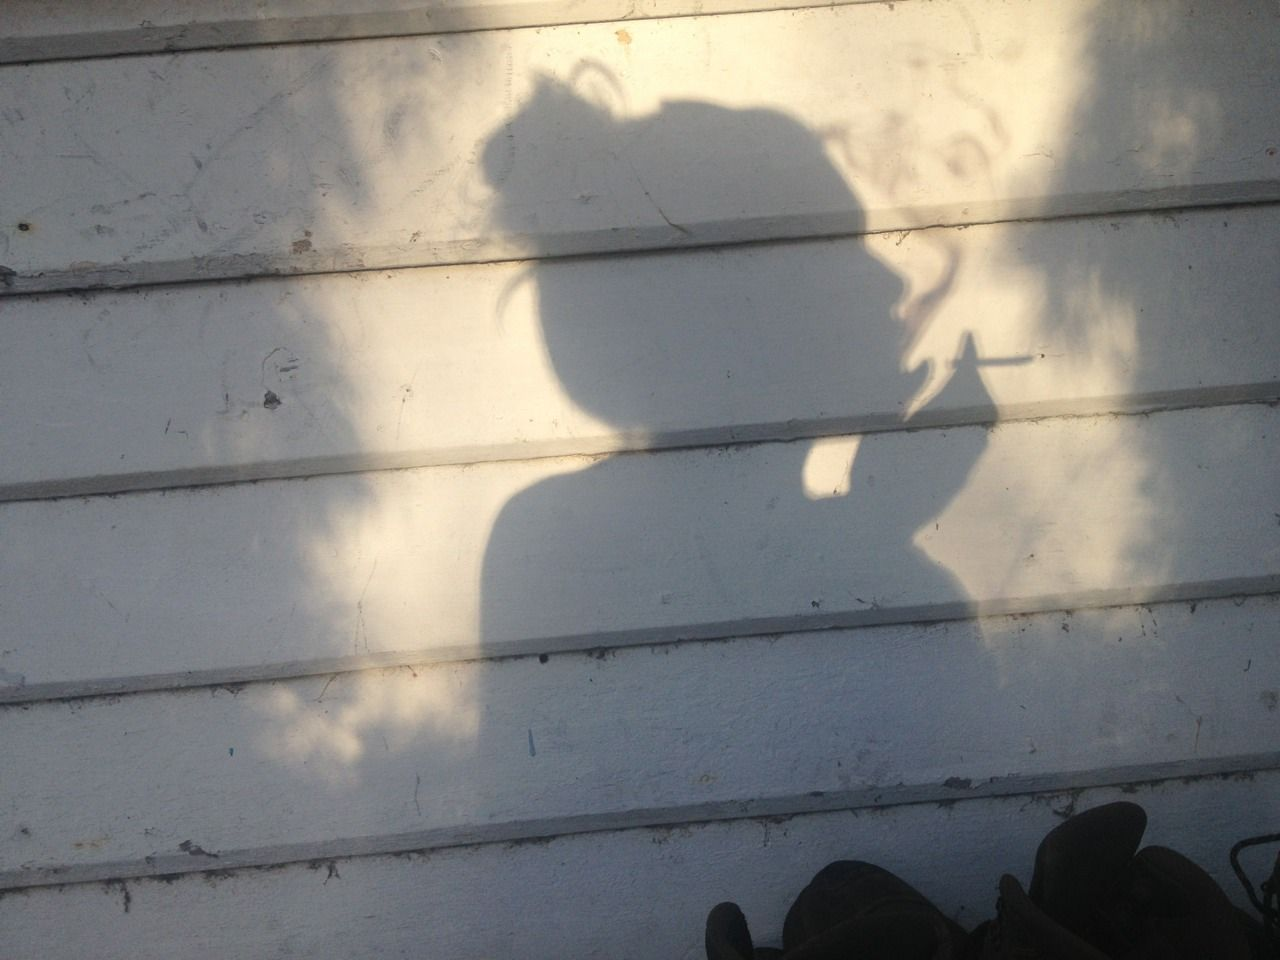 Tumblr Sombras Tumblr Fotos Con Sombras Y Fotos Tumblr